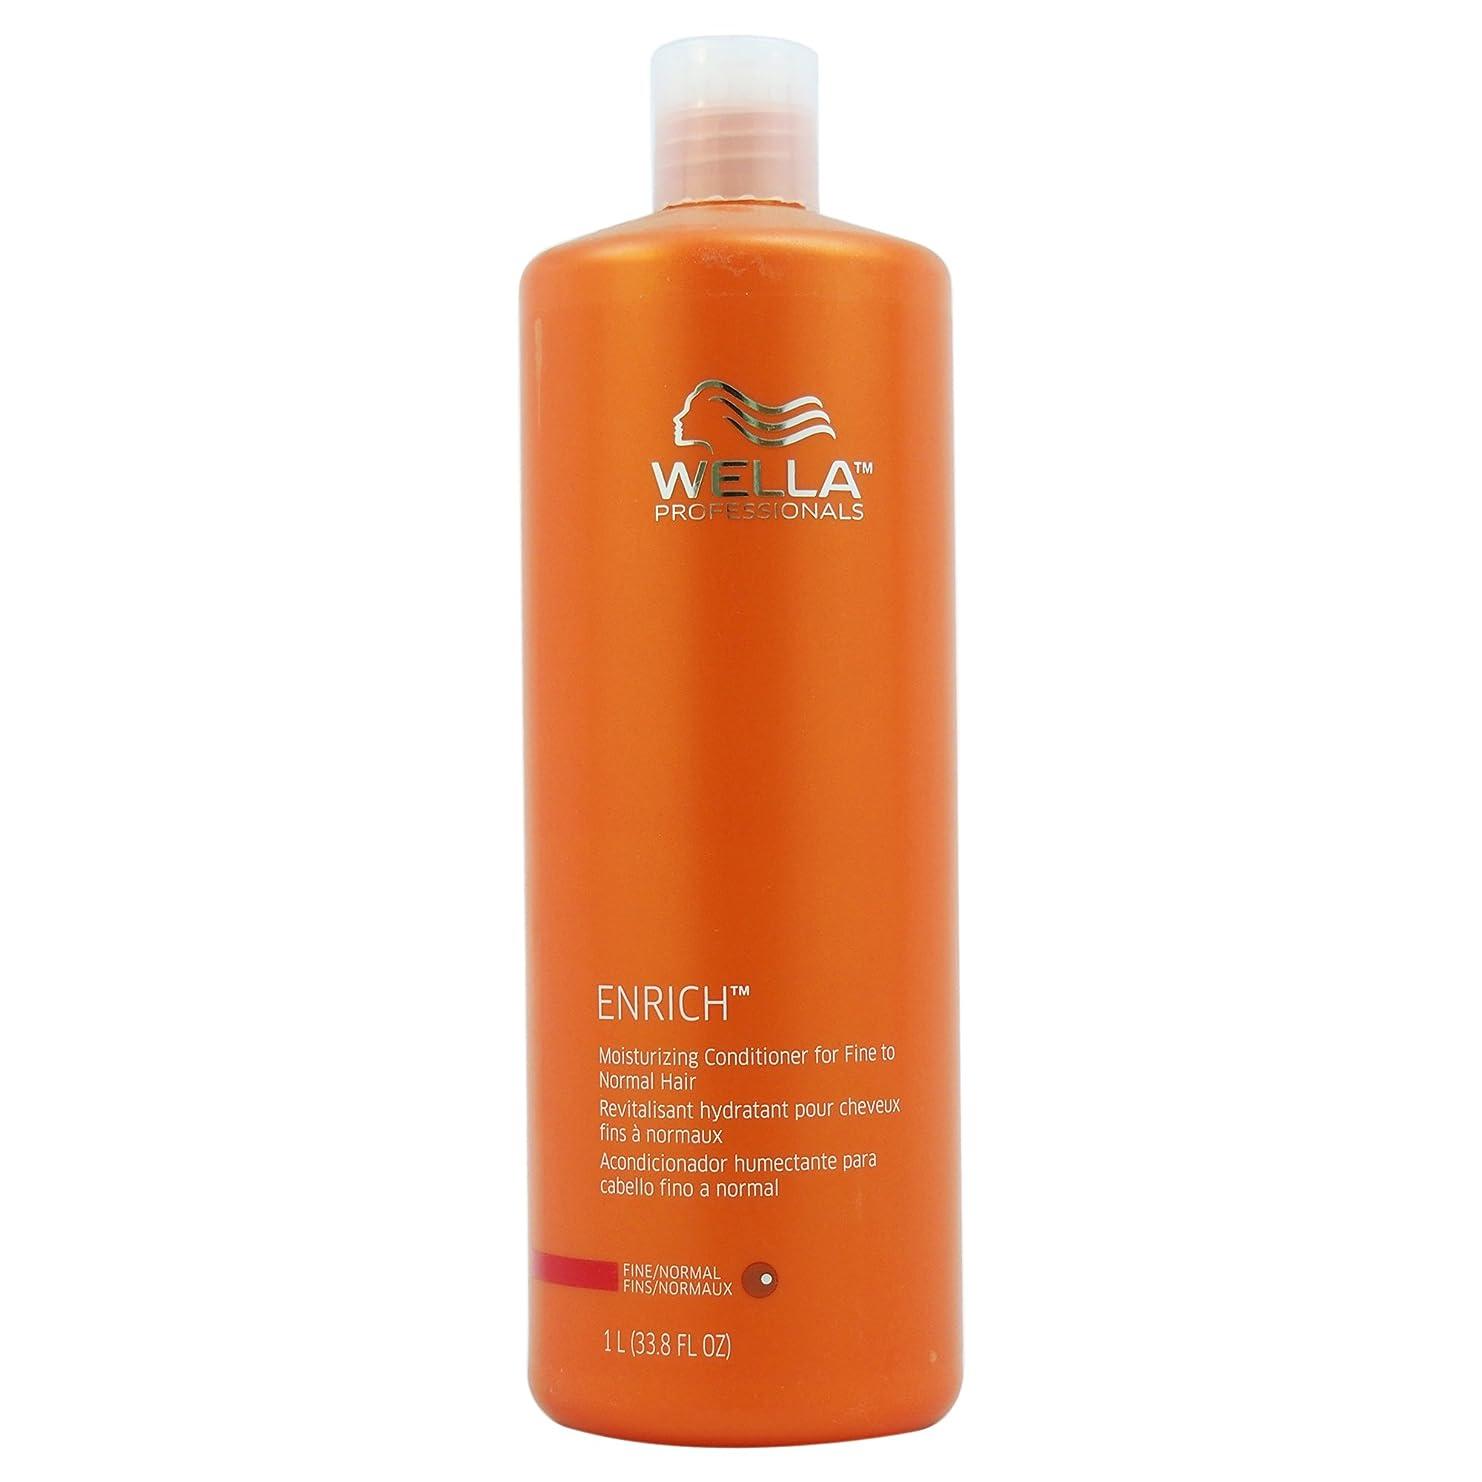 閃光他の場所外国人Wella Enriched Moisturizing Conditioner for Fine To Normal Hair for Unisex, 33.8 Ounce by Wella